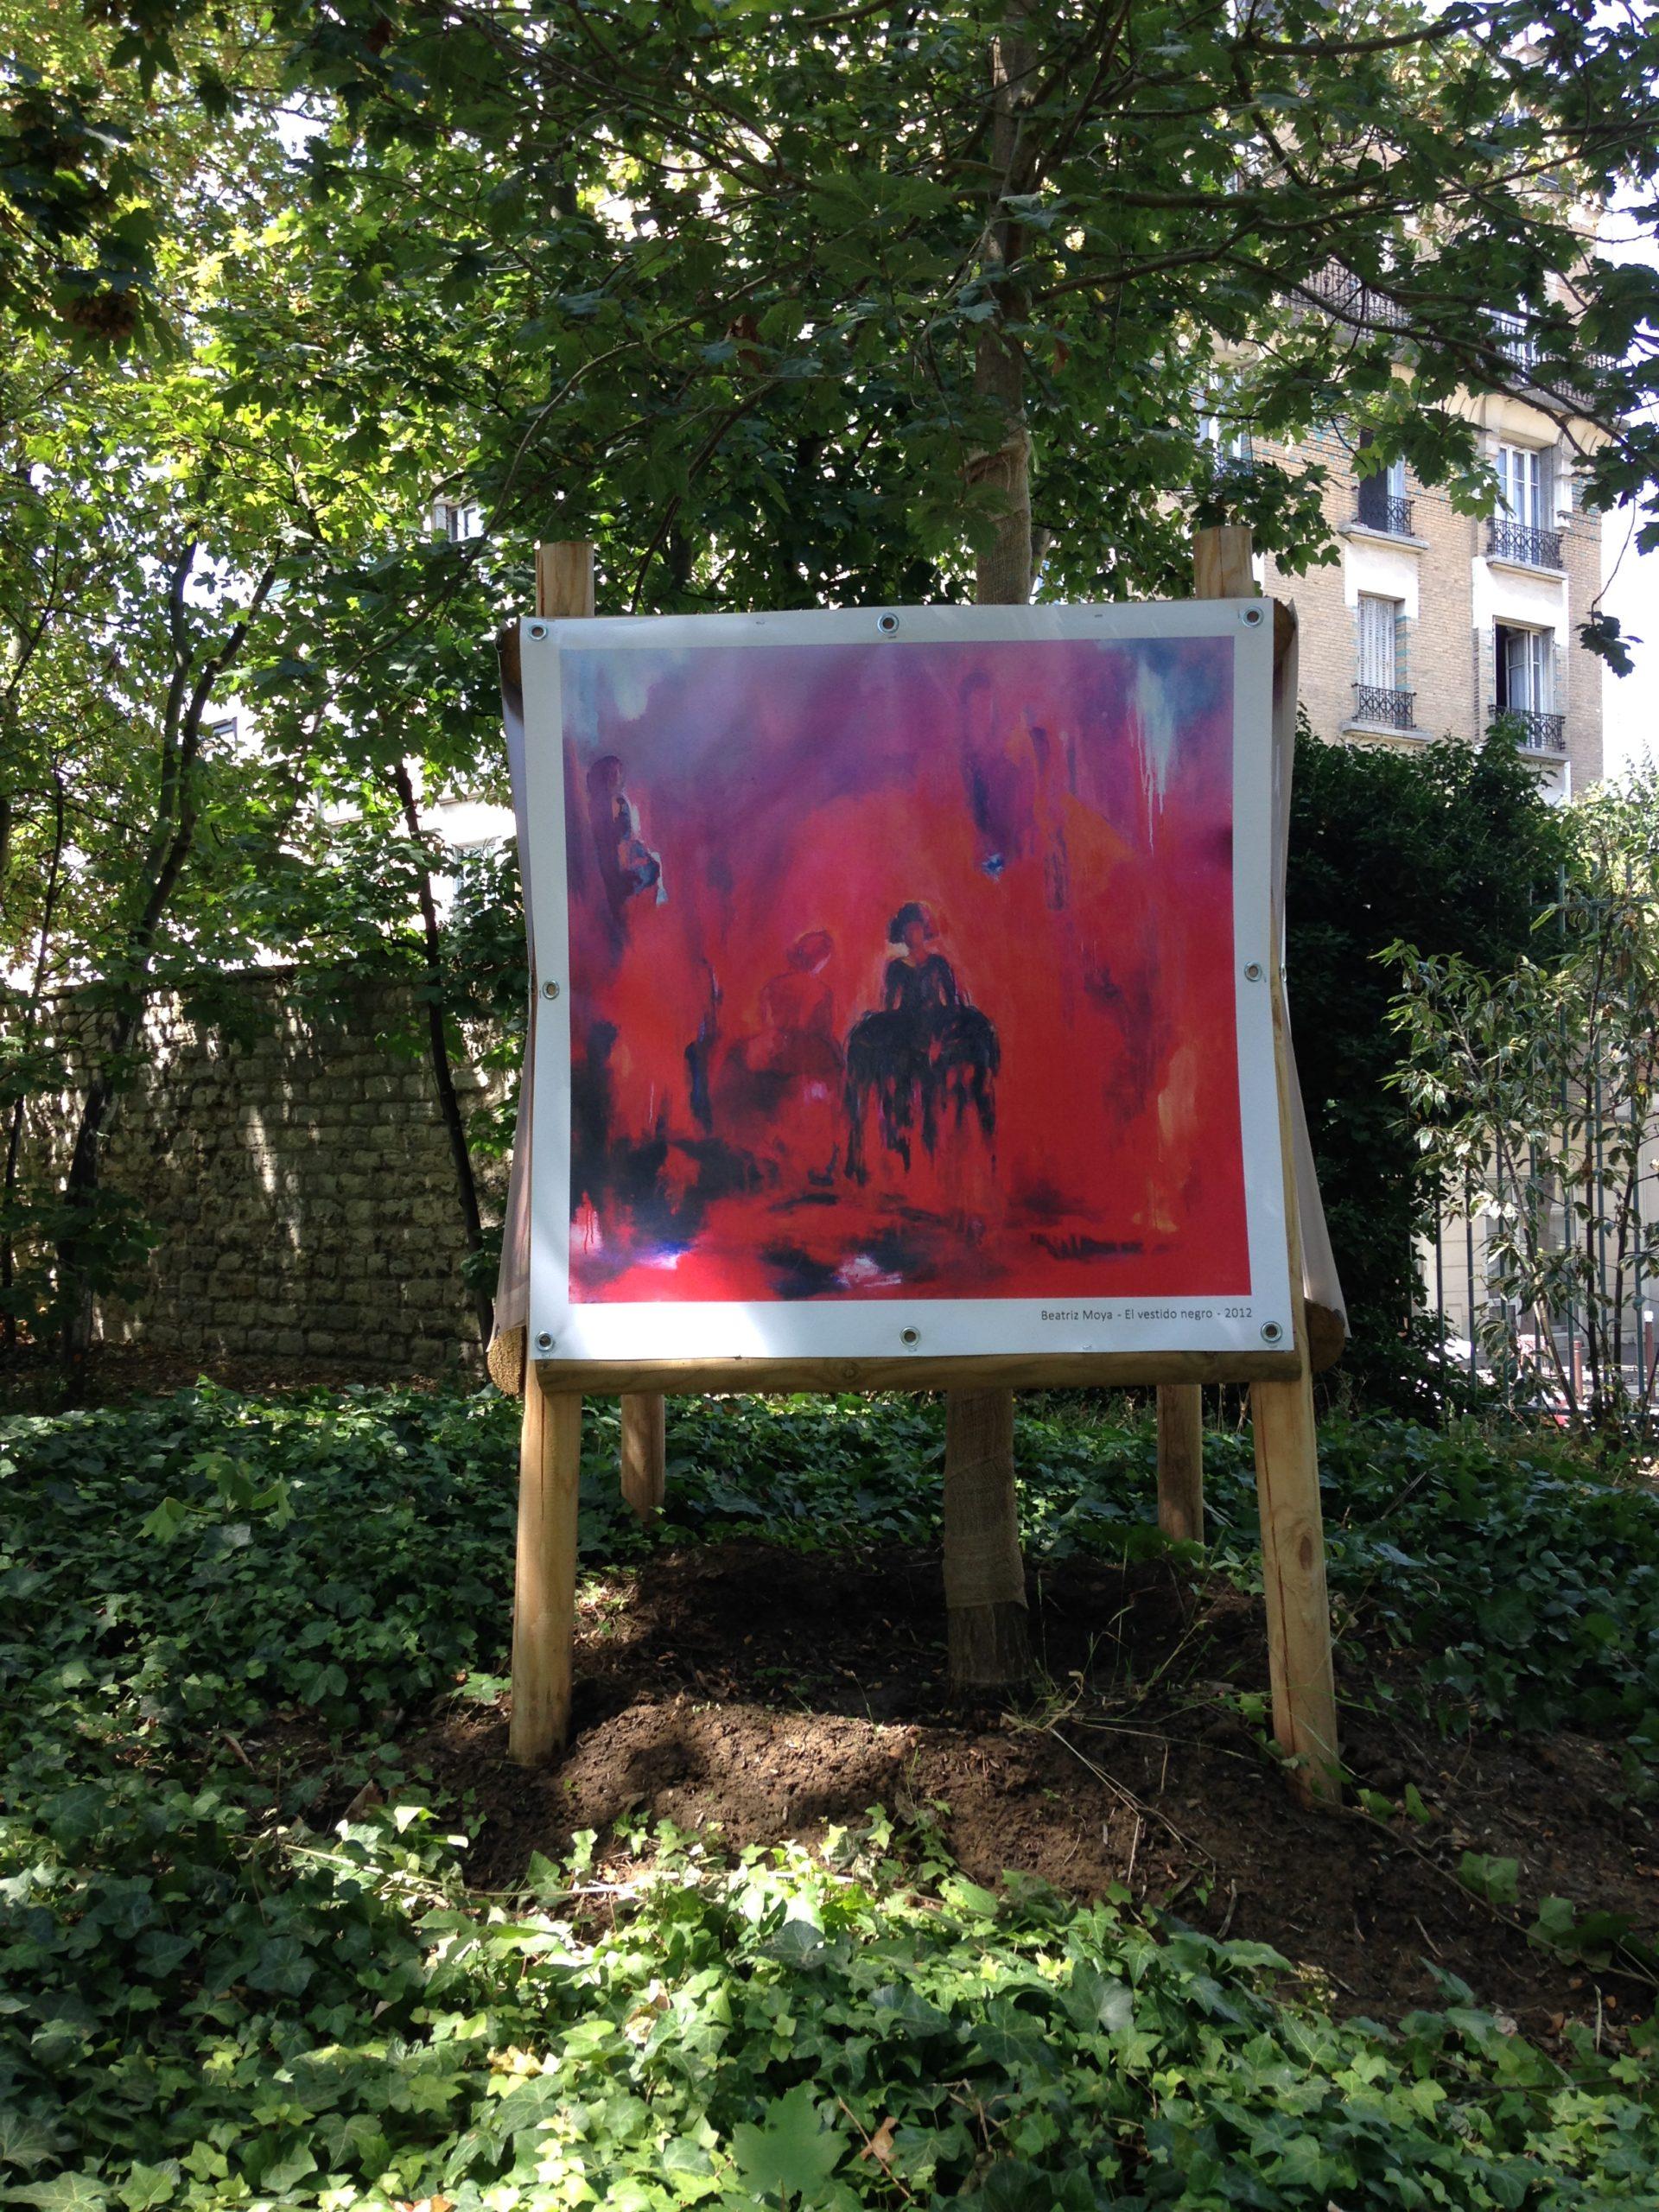 Installation au parc Pinel - Les Estivales 2020 - Le Kremlin-Bicêtre 94